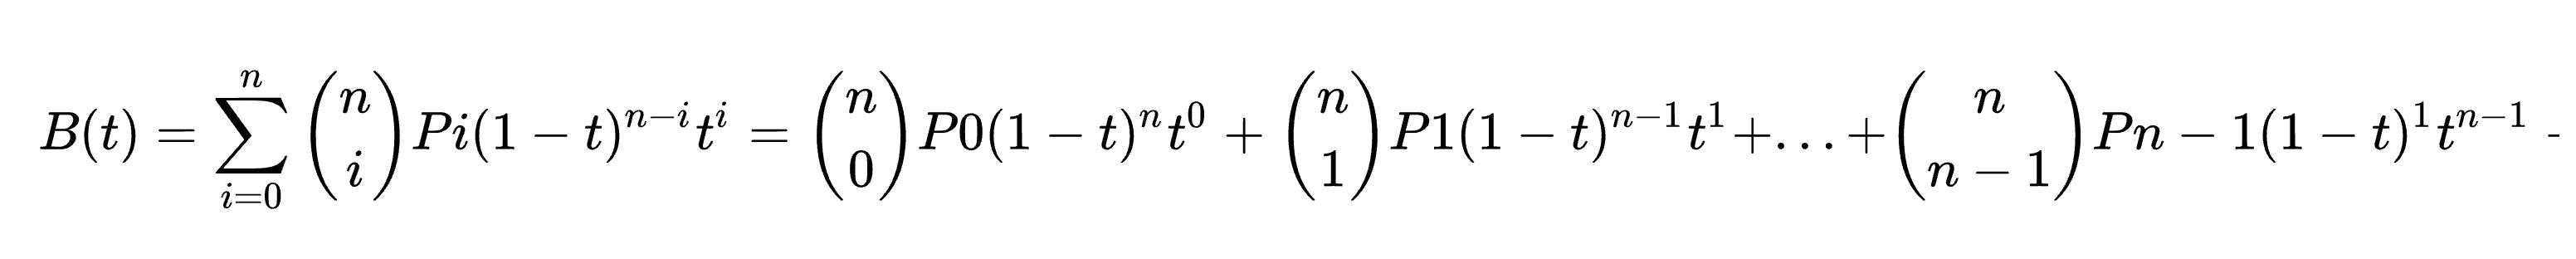 深度研究|去中心化合成资产DeFi-X模型解读